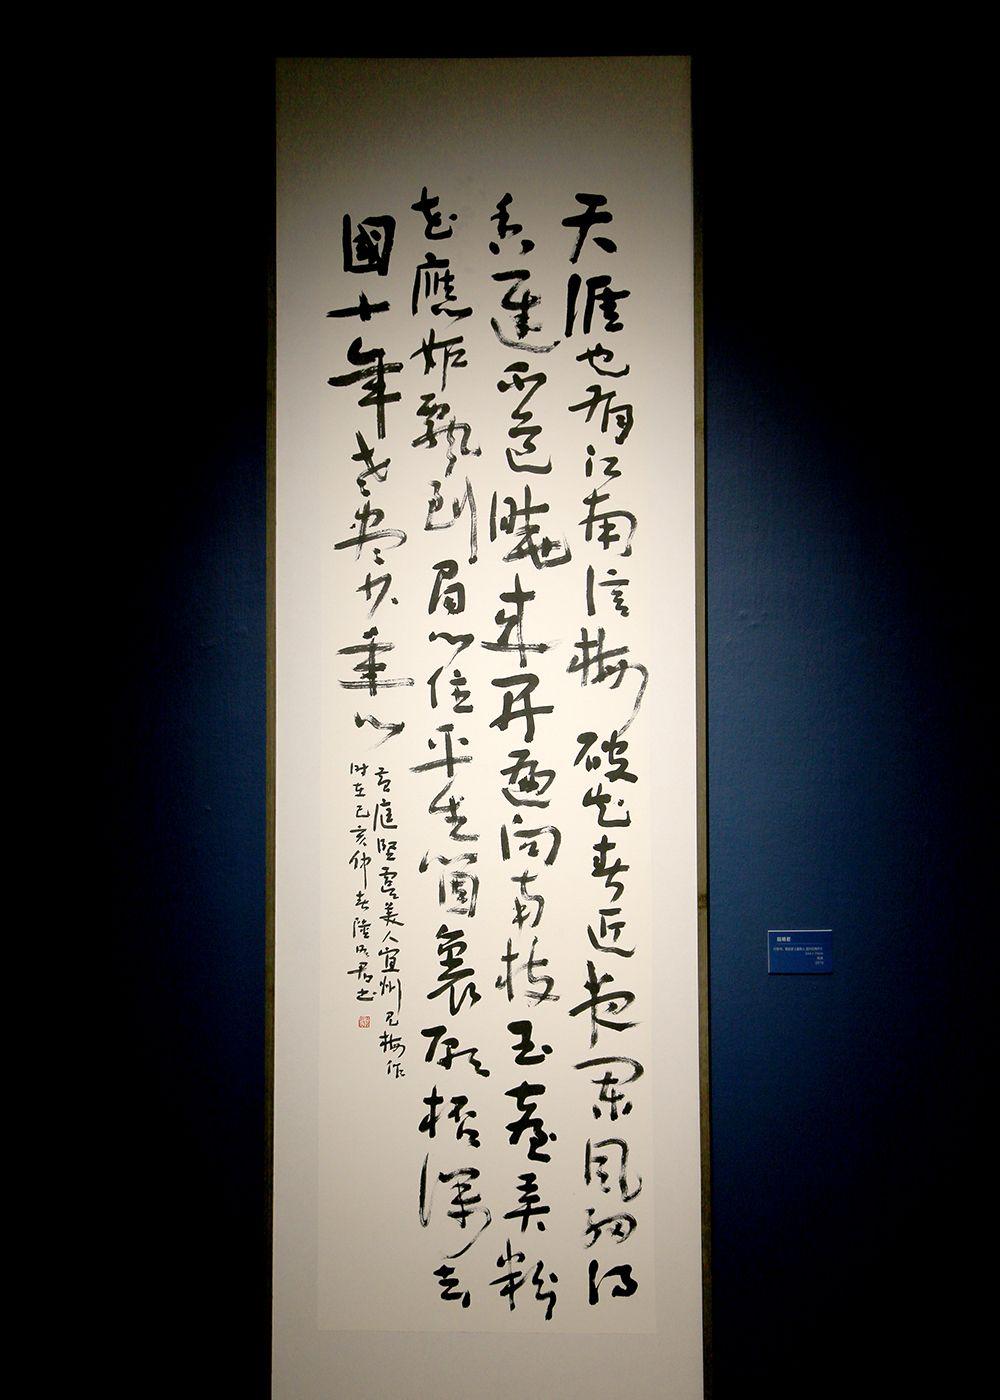 搦翰明均,中国美术馆陆明君的书法展